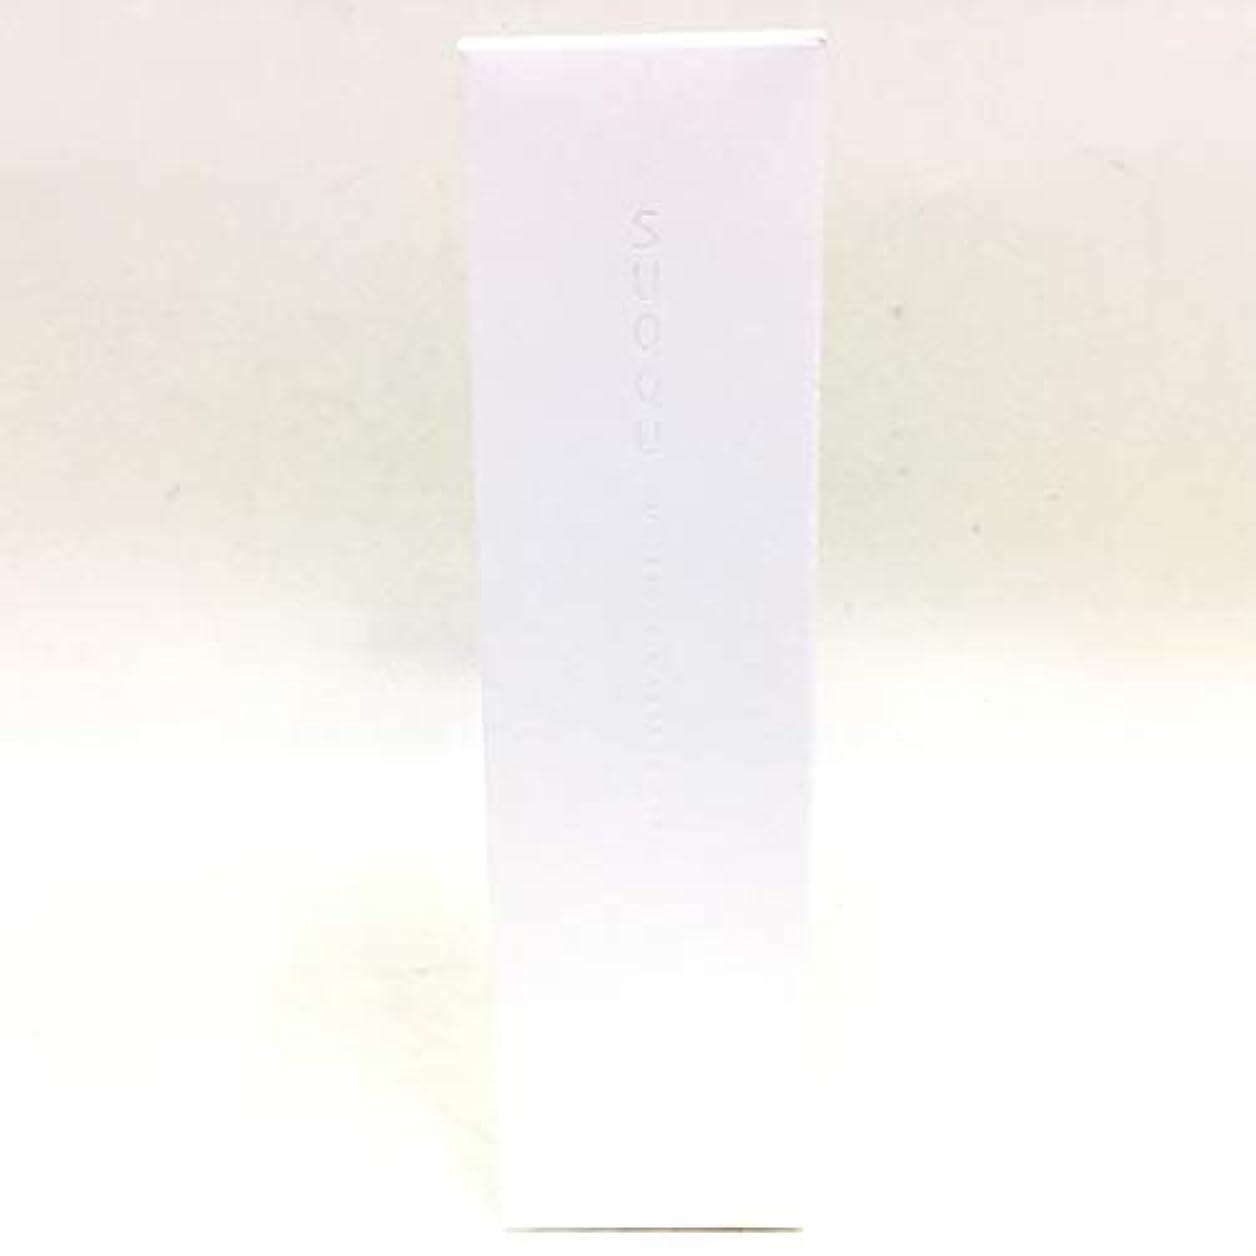 スケッチ抗生物質白鳥モイスチャーマッサージスクラブ(マッサージ洗顔料)125g